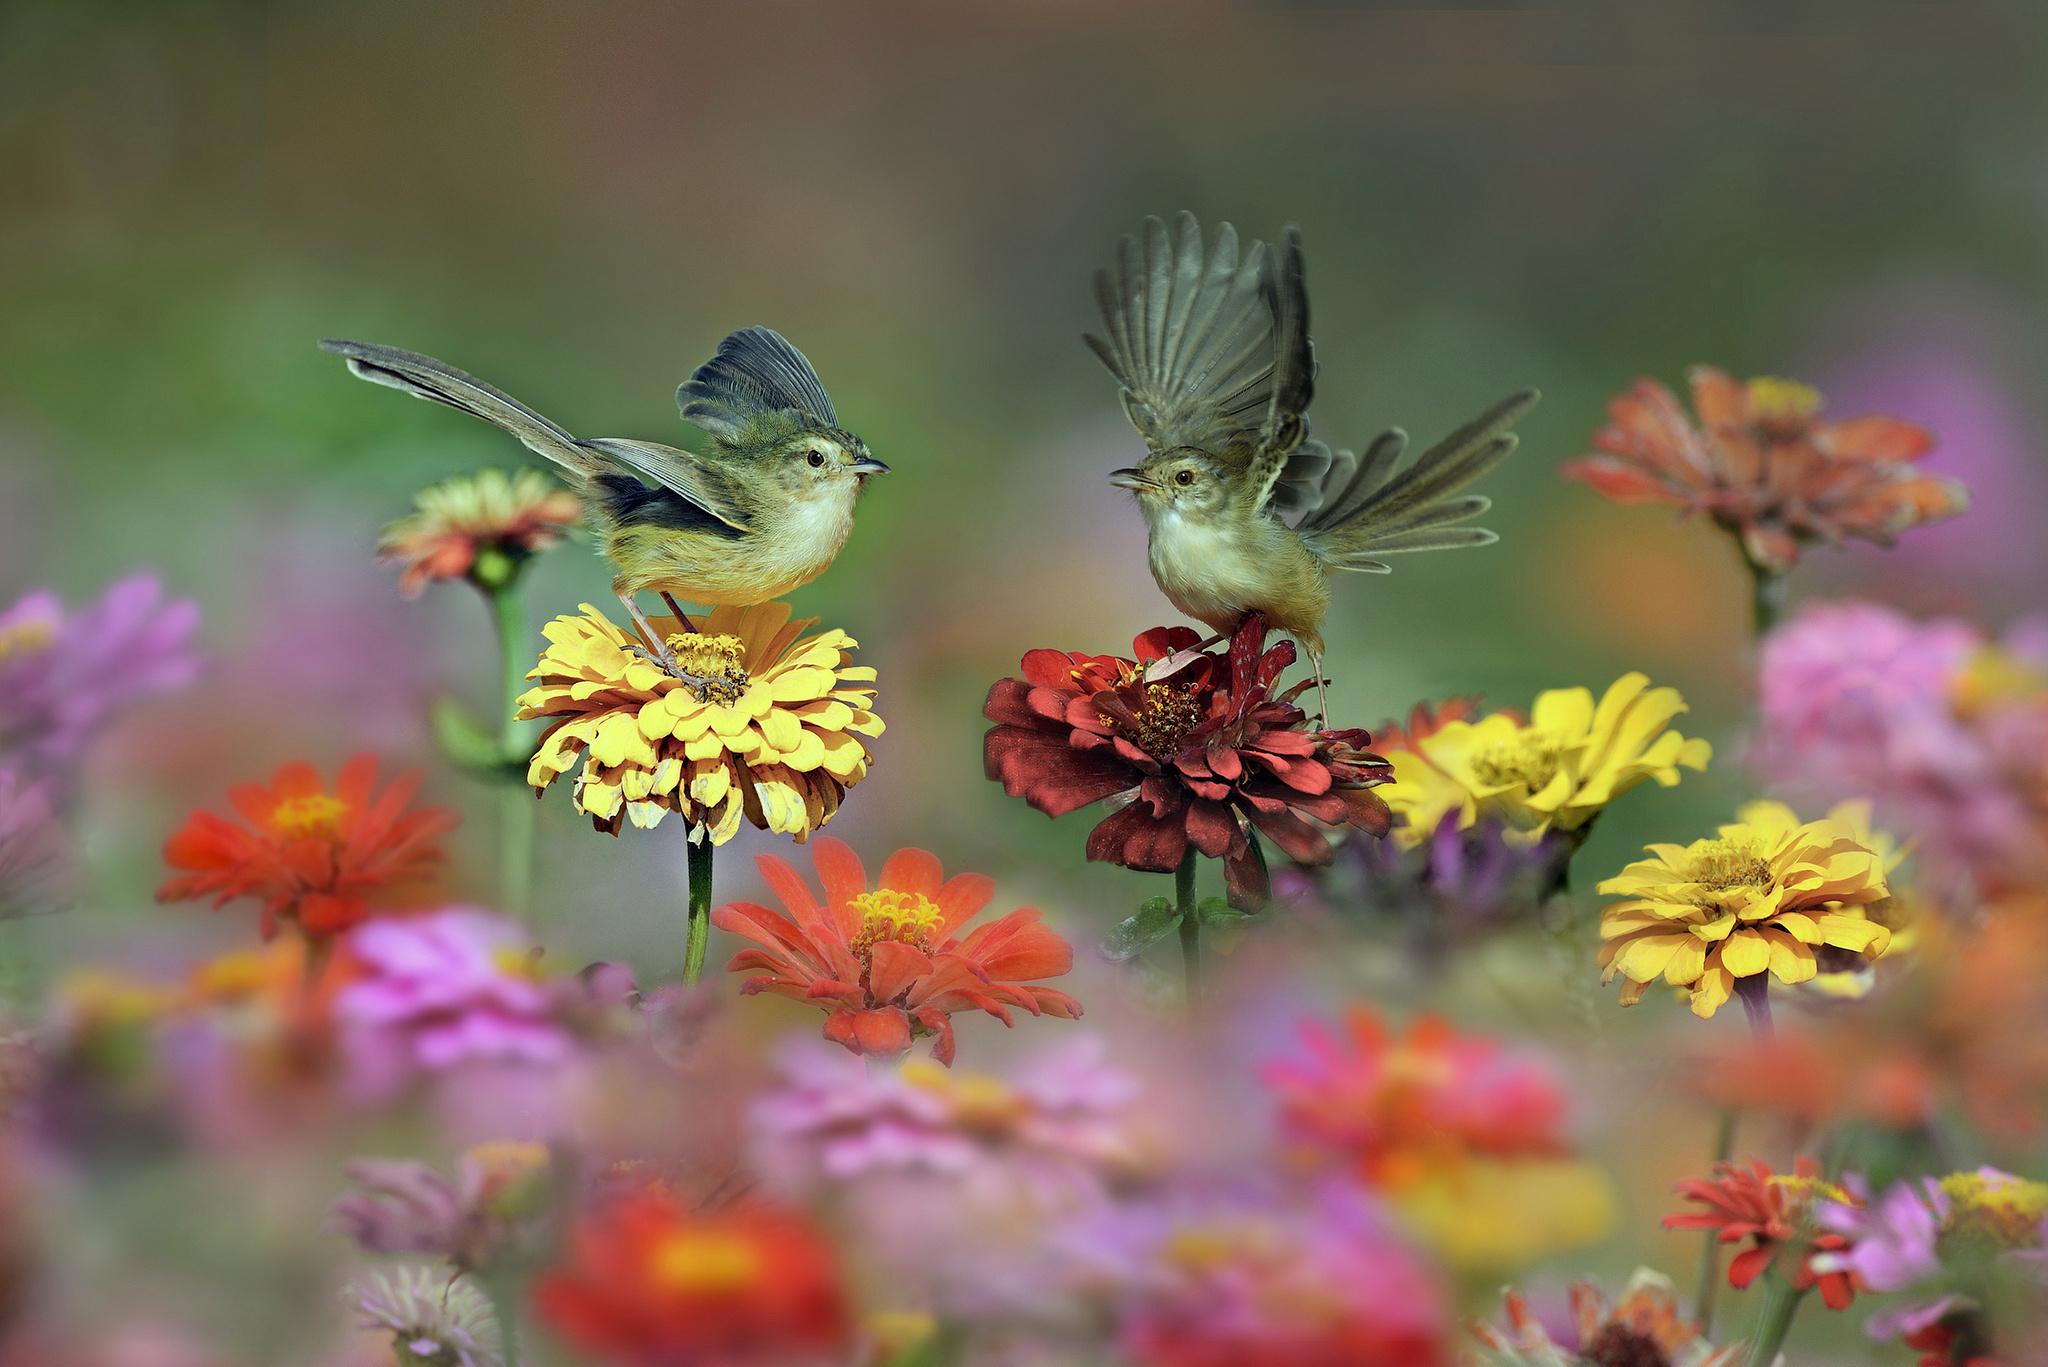 худенькая птичка на лужайке бесплатно